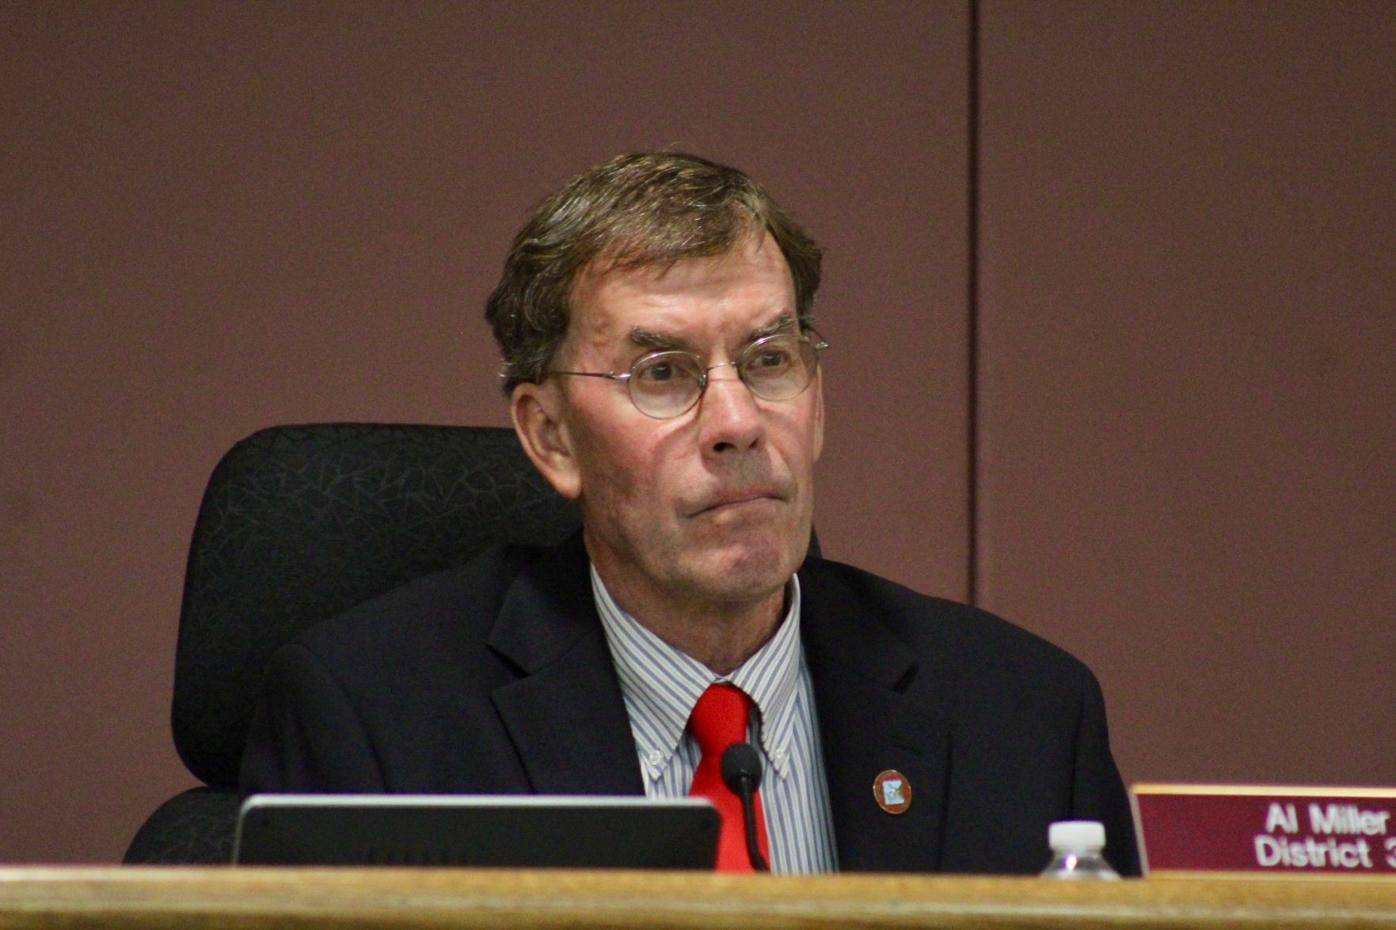 Councilman Al Miller